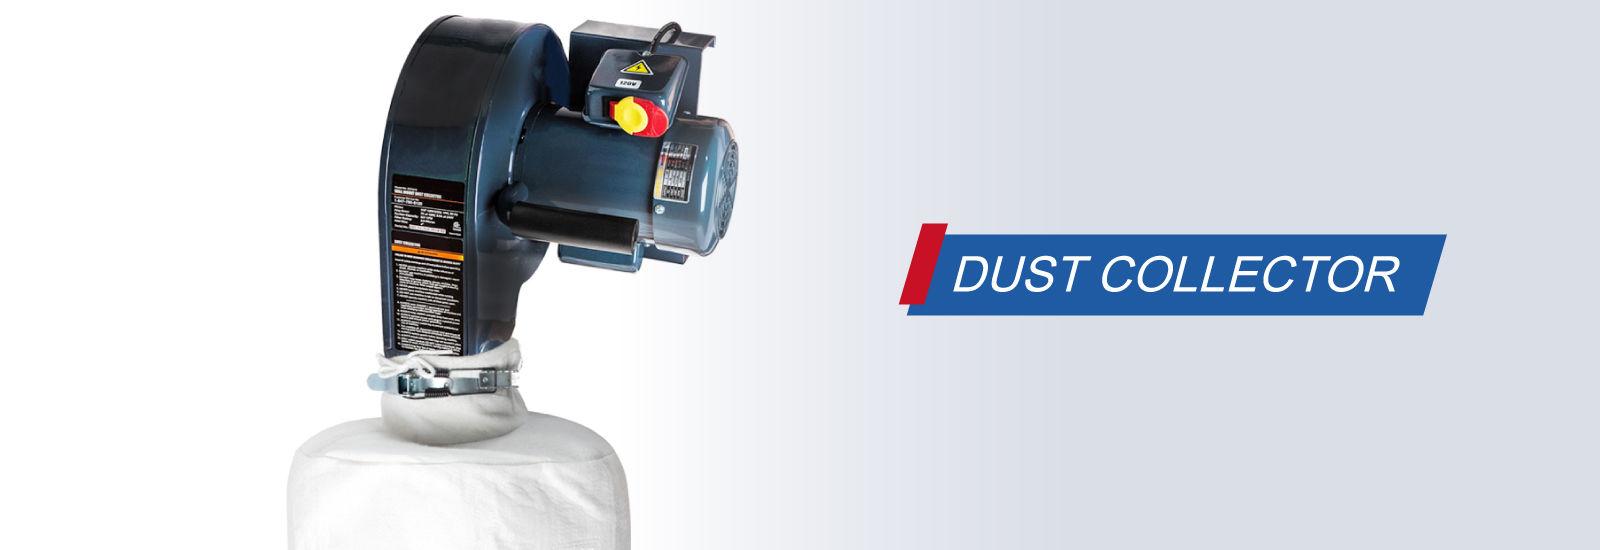 DA-B-Dust Collector